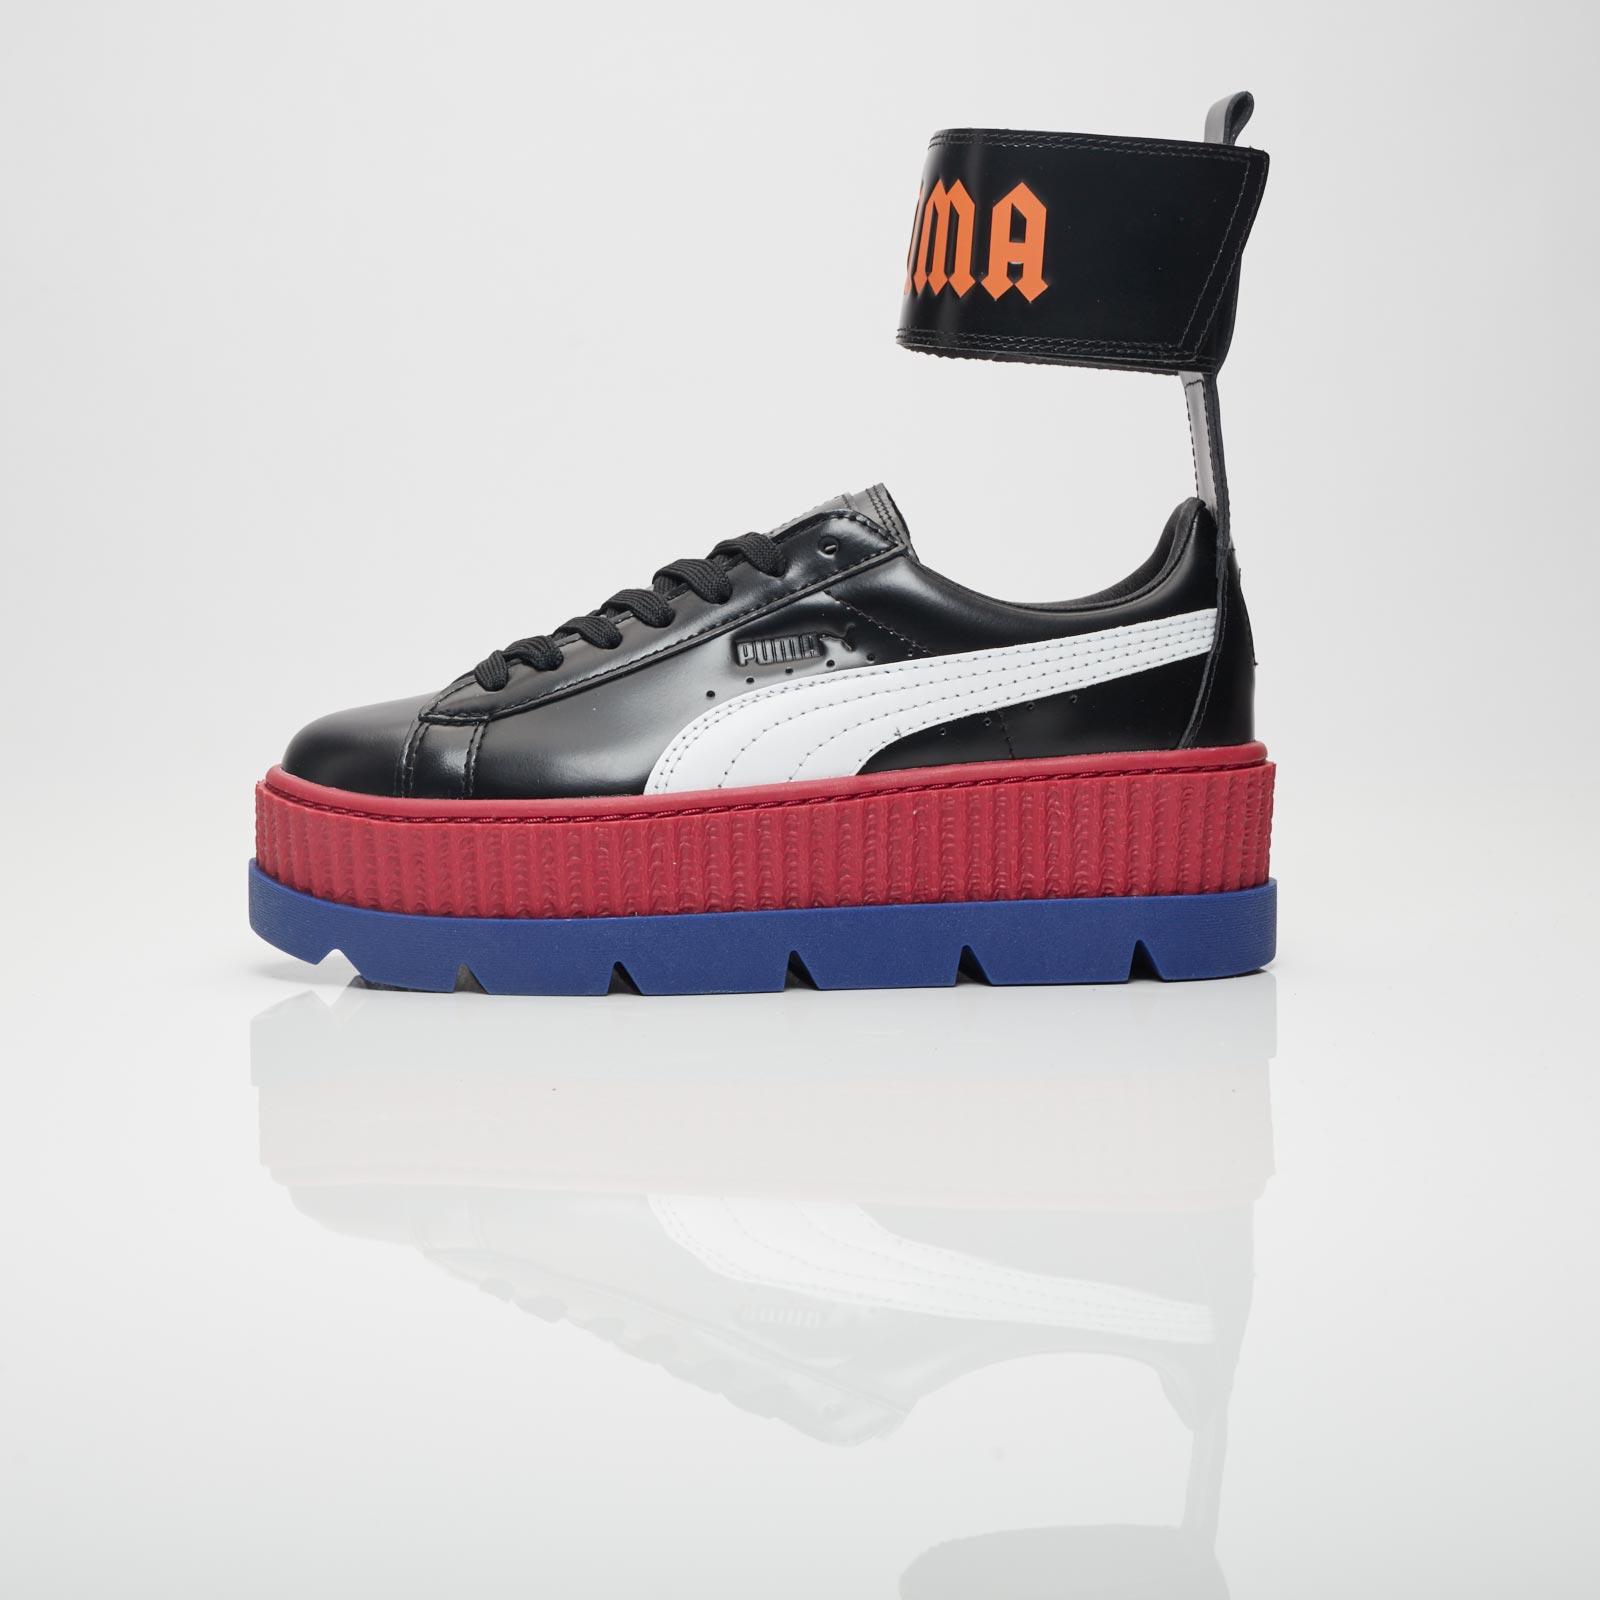 5ad028e6e95 Puma Ankle Strap Sneaker Wns - 366264-01 - Sneakersnstuff